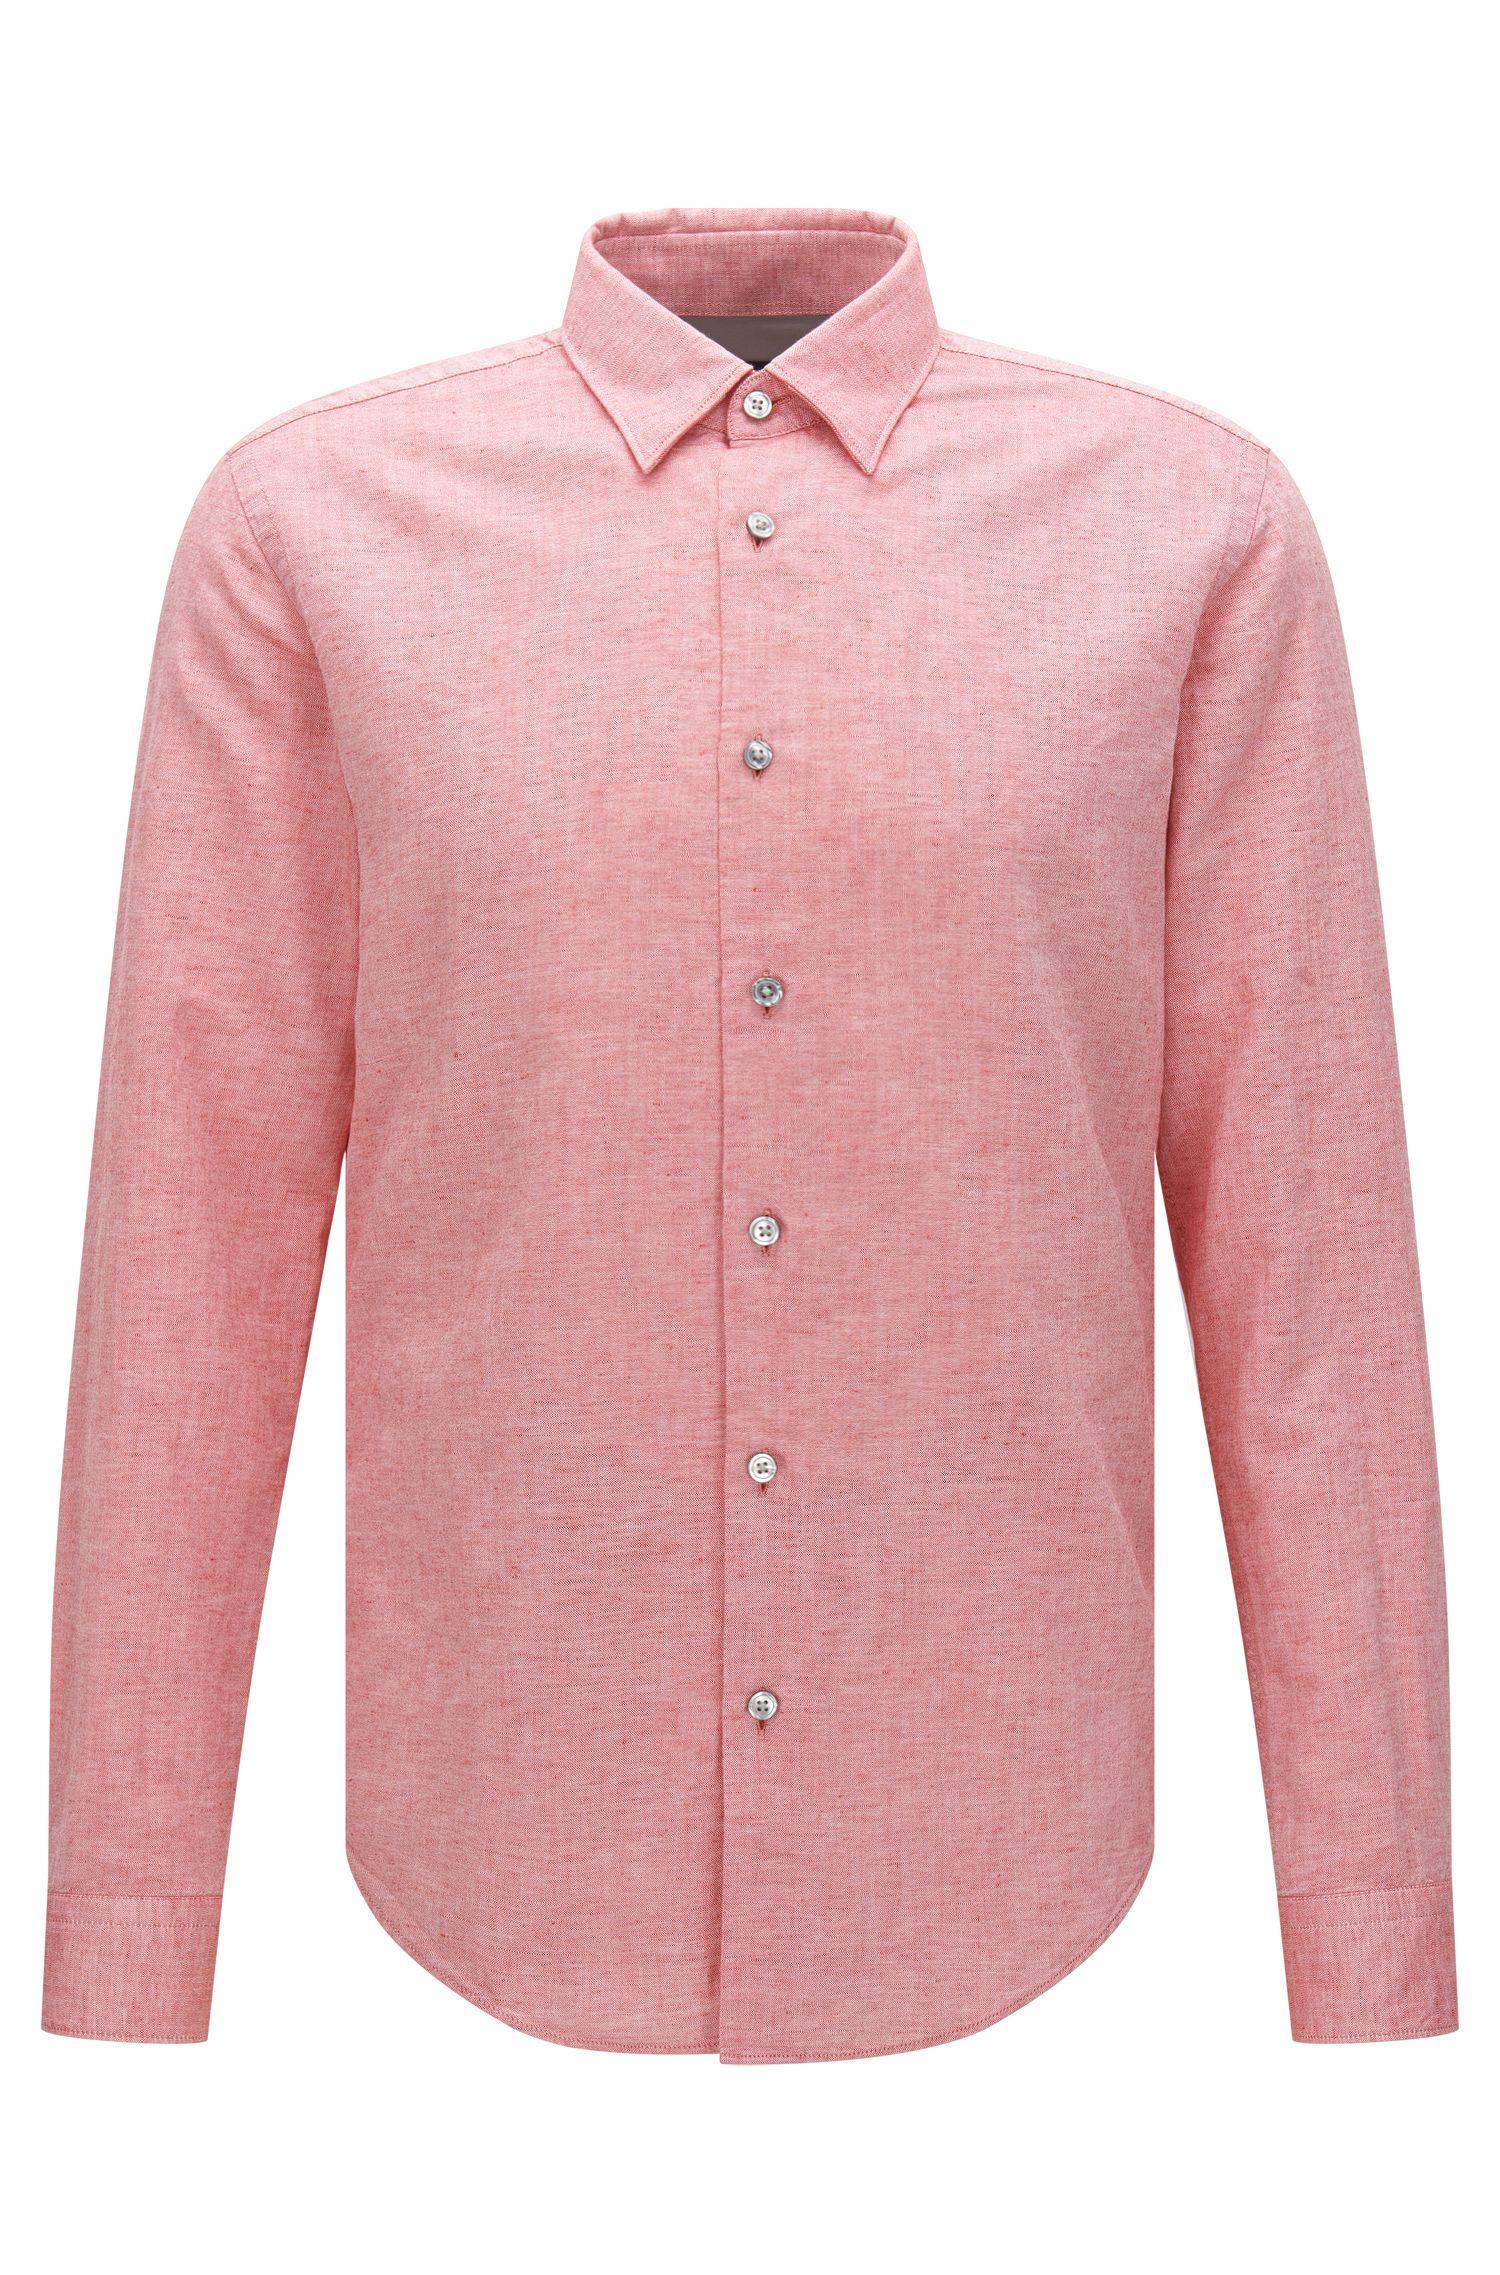 Cotton Linen Button Down Shirt, Slim Fit | Rodney